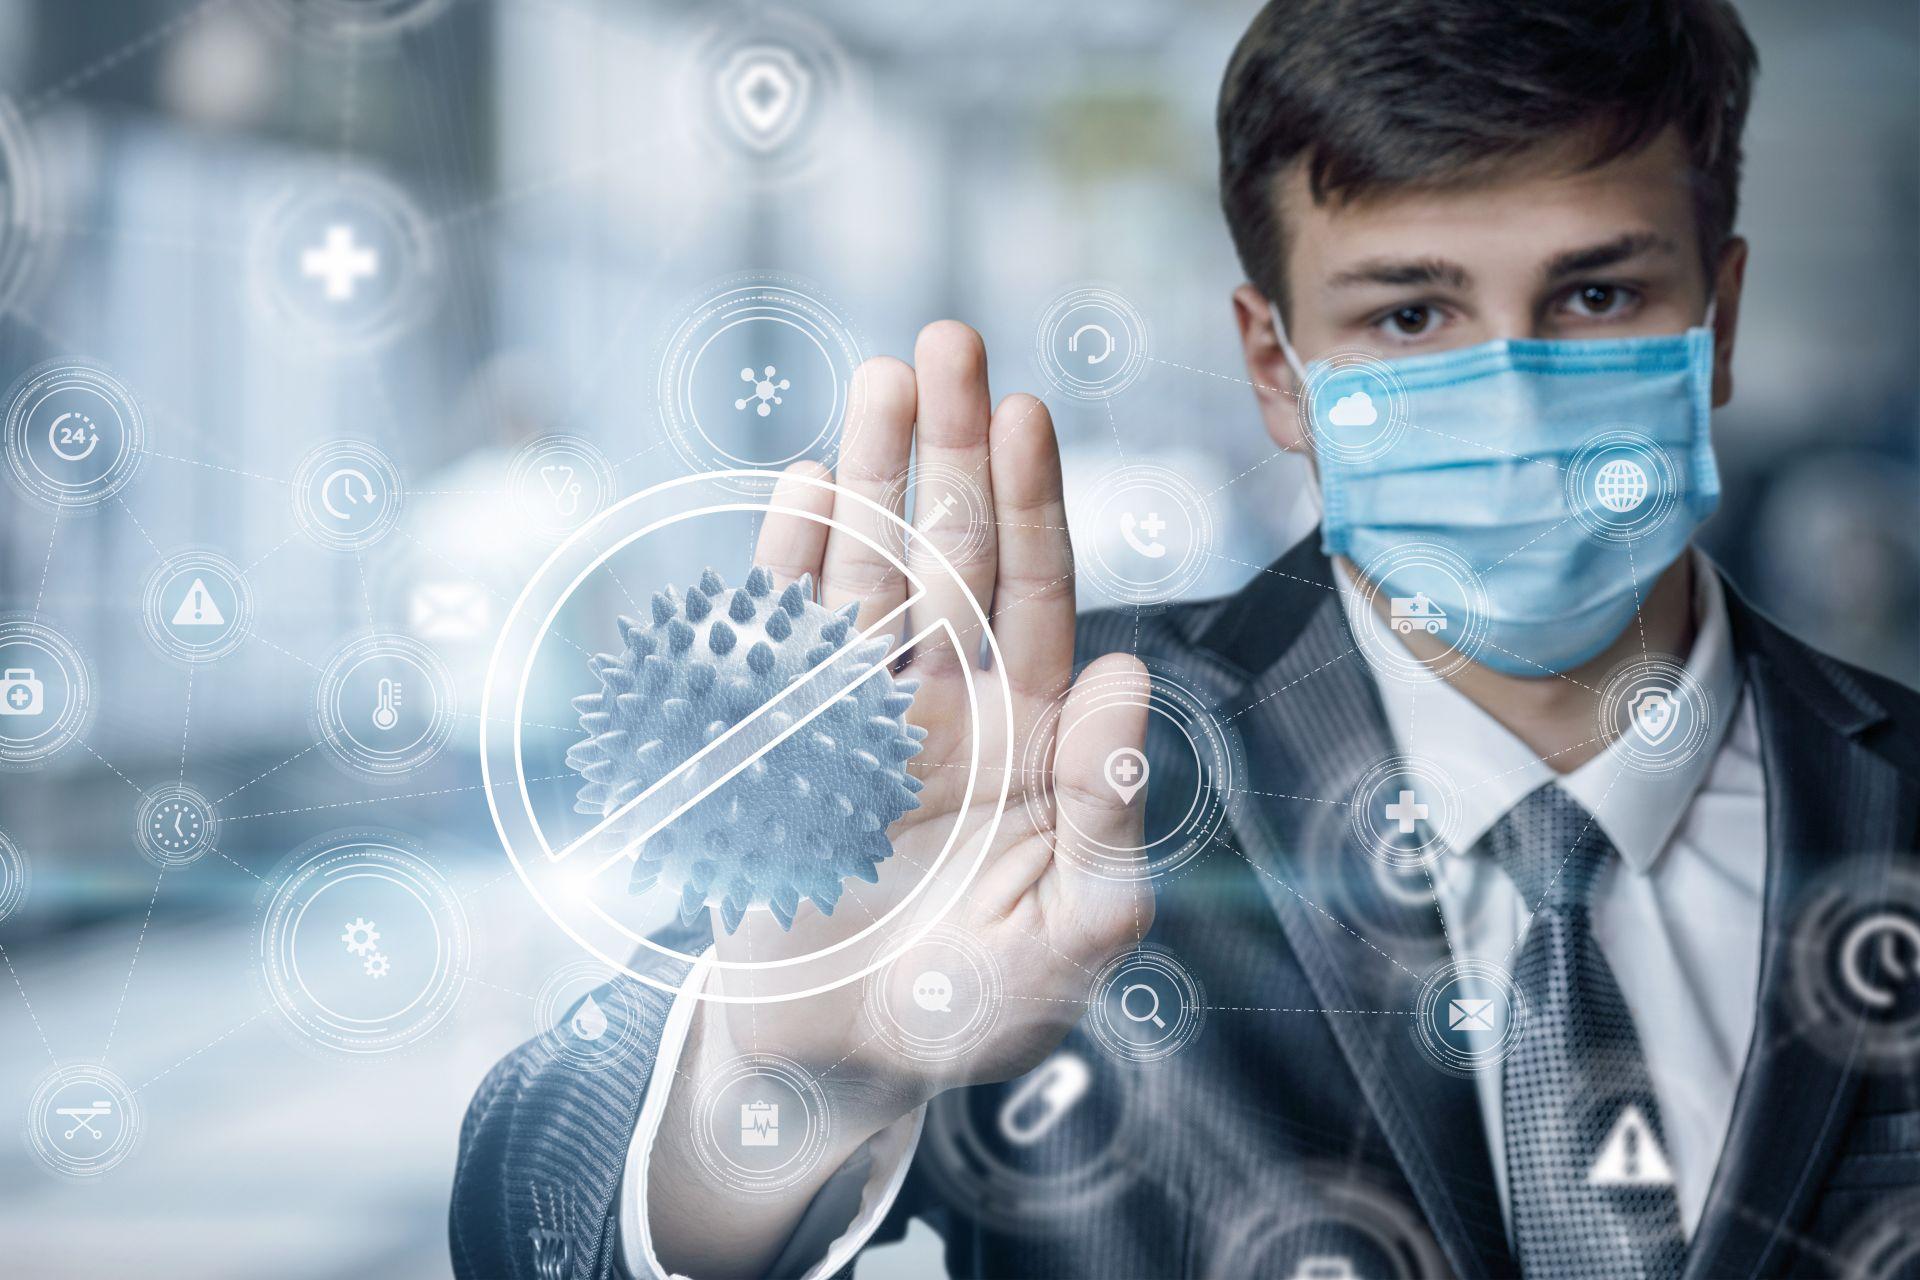 Zdjęcie przedstawia mężczyznę ubranego w garnitur , w maseczce ochronnej na twarzy, który dłonią powstrzymuje symbolicznego wirusa